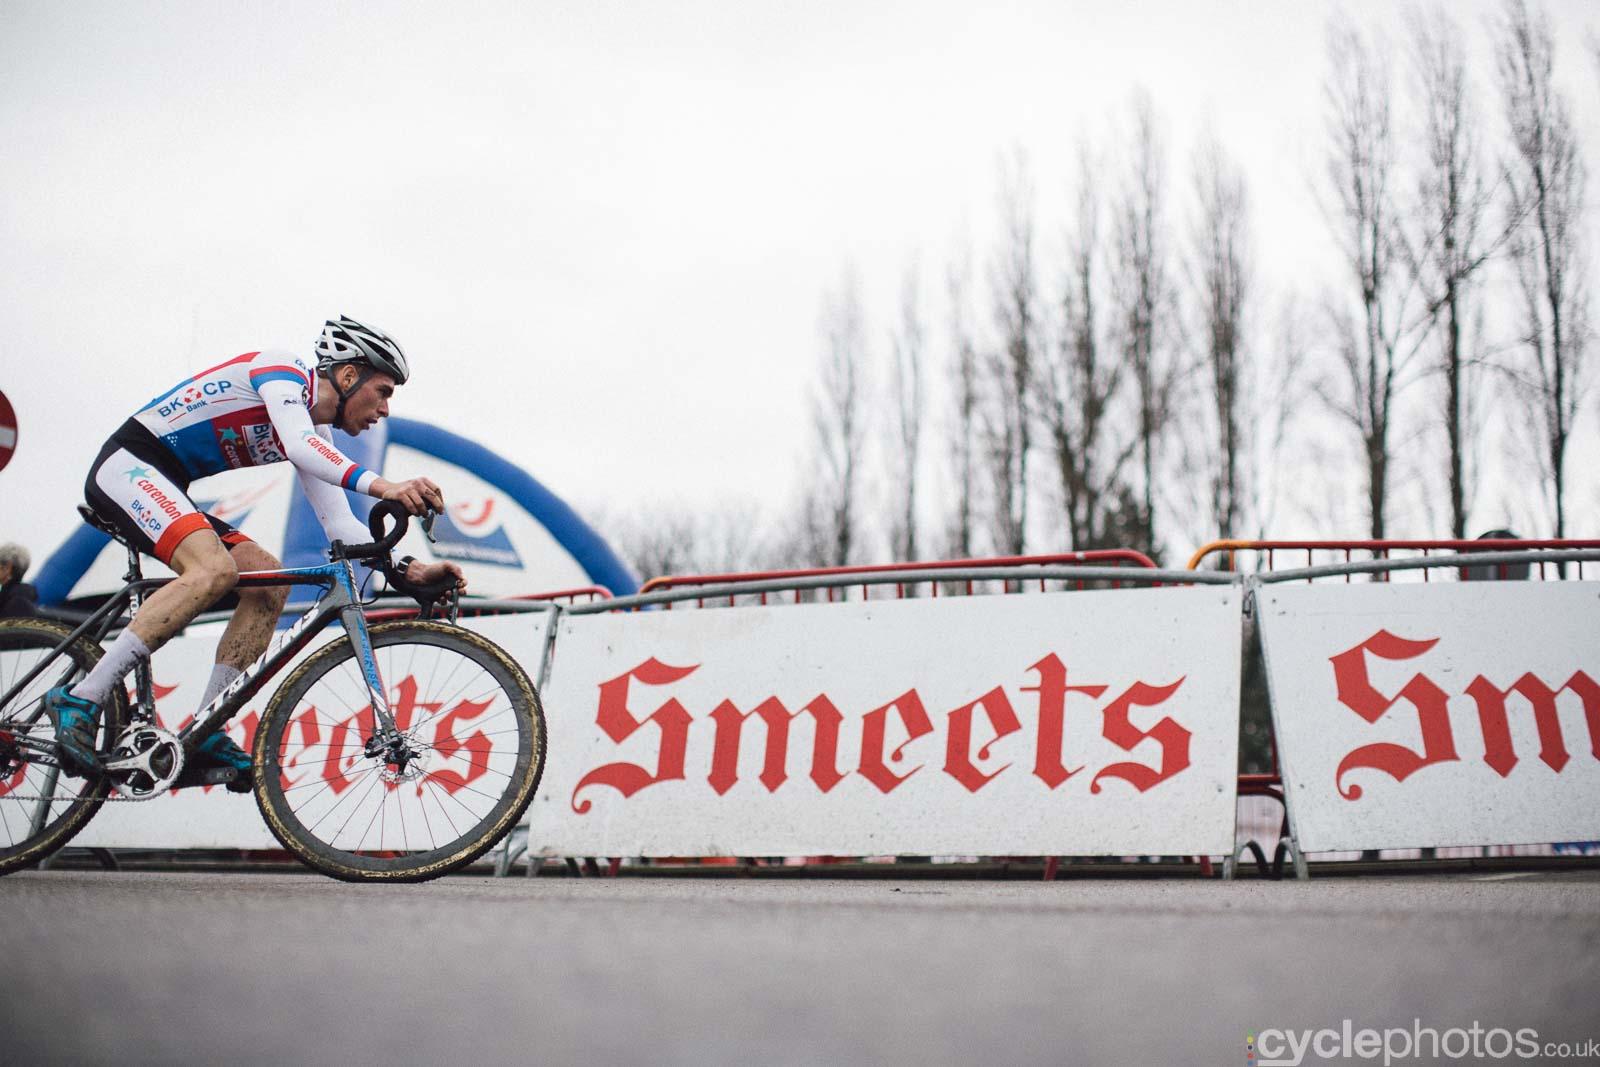 2015-cyclephotos-cyclocross-scheldecross-124241-adam-toupalik